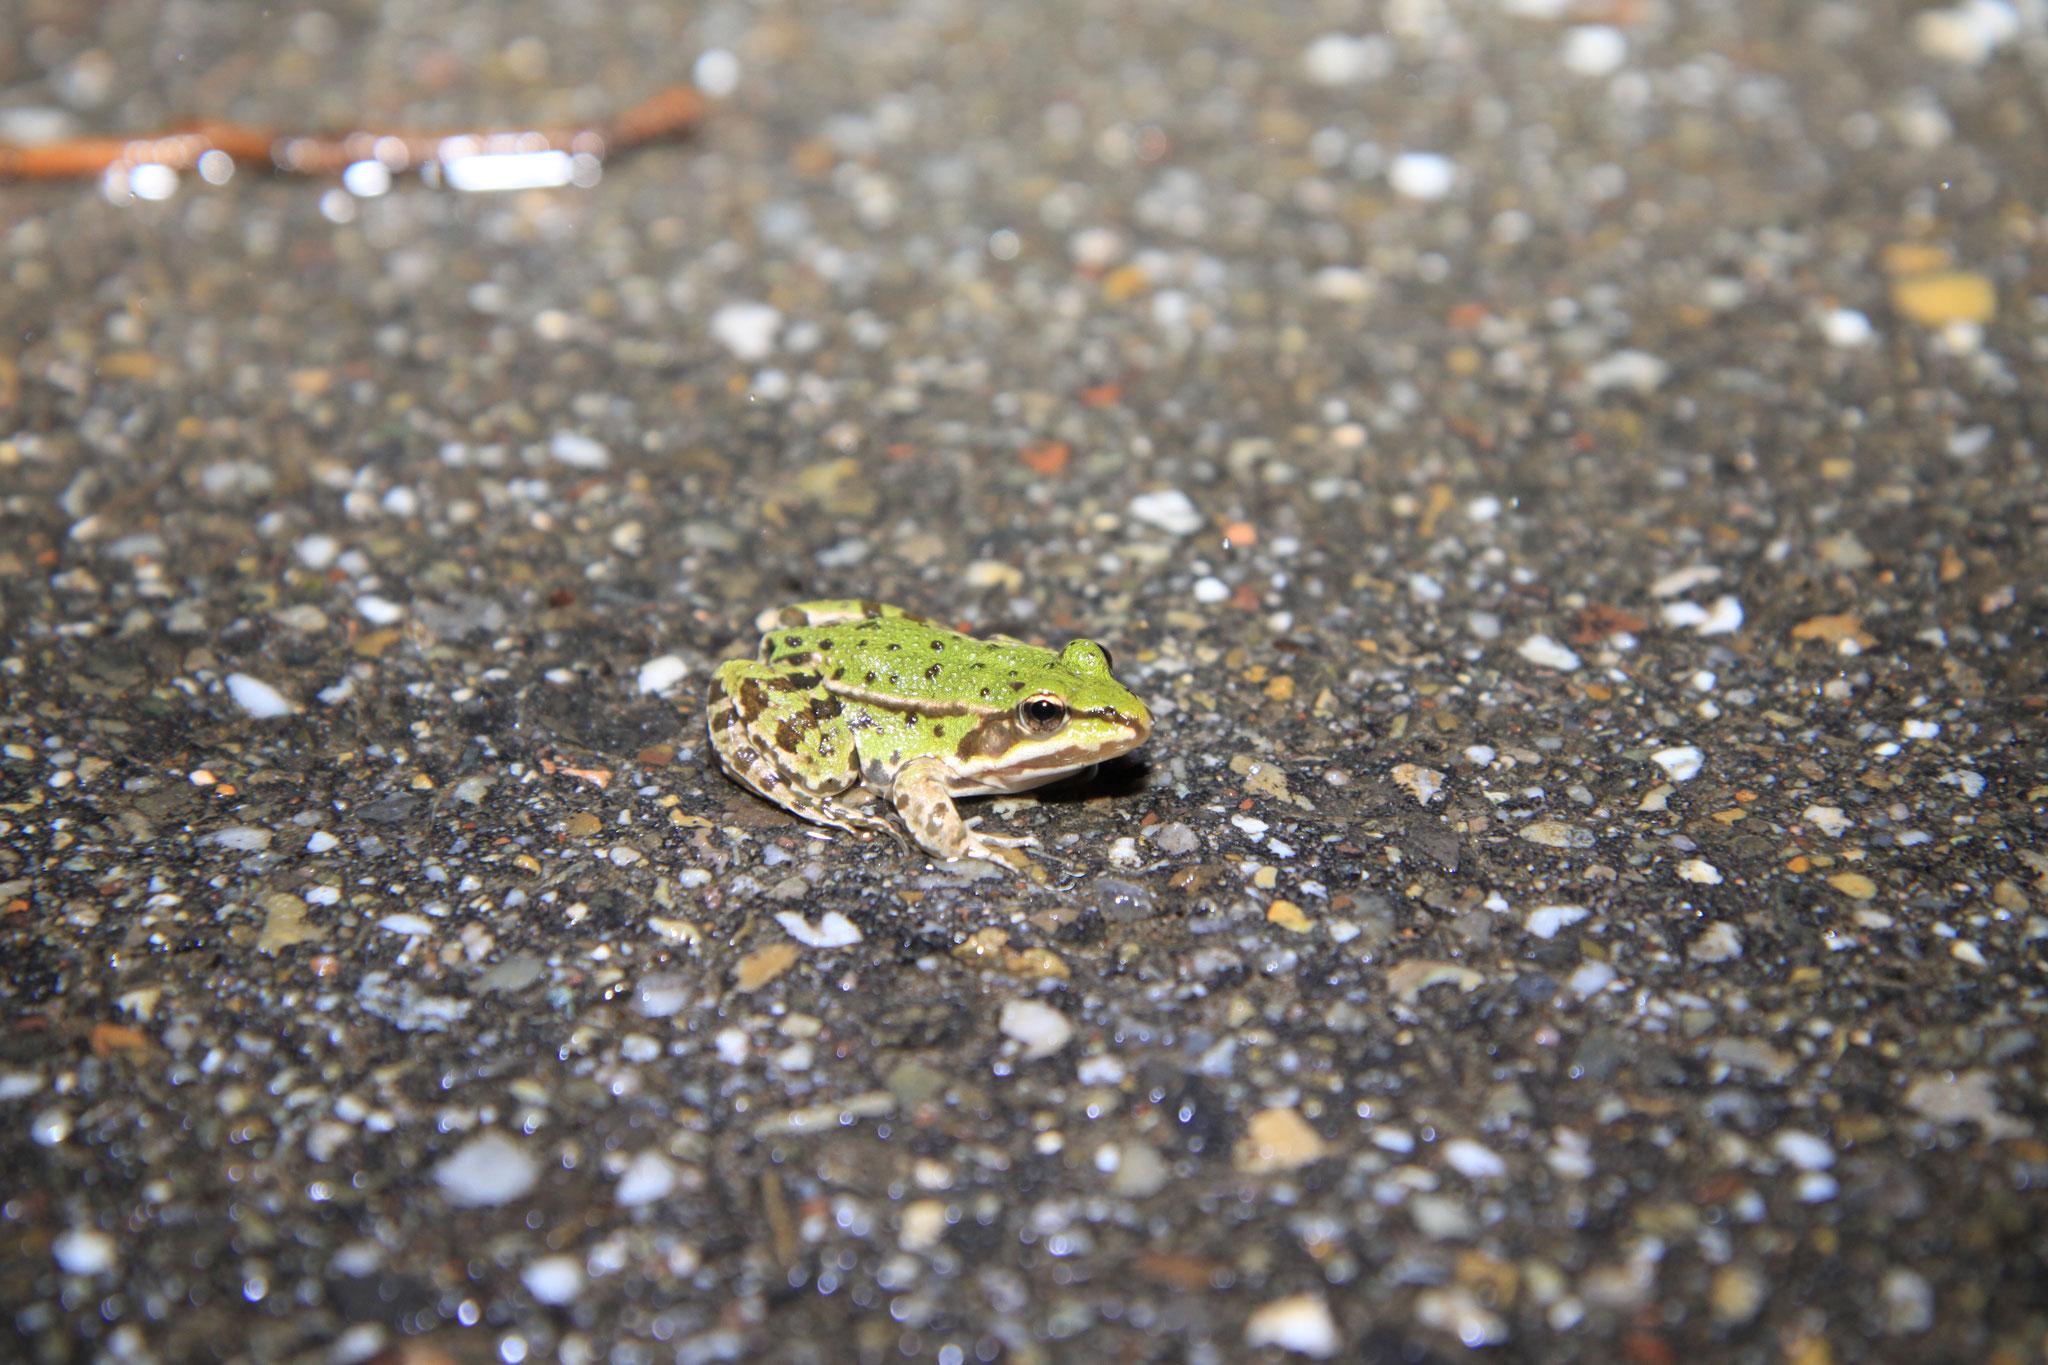 Erstaunlicherweise haben wir auch einen Vertreter des Grünfrosch-Komplexes (Kleiner Teichfrosch oder Wasserfrosch) auf der Erlenstraße gesichtet (Foto: B. Budig)